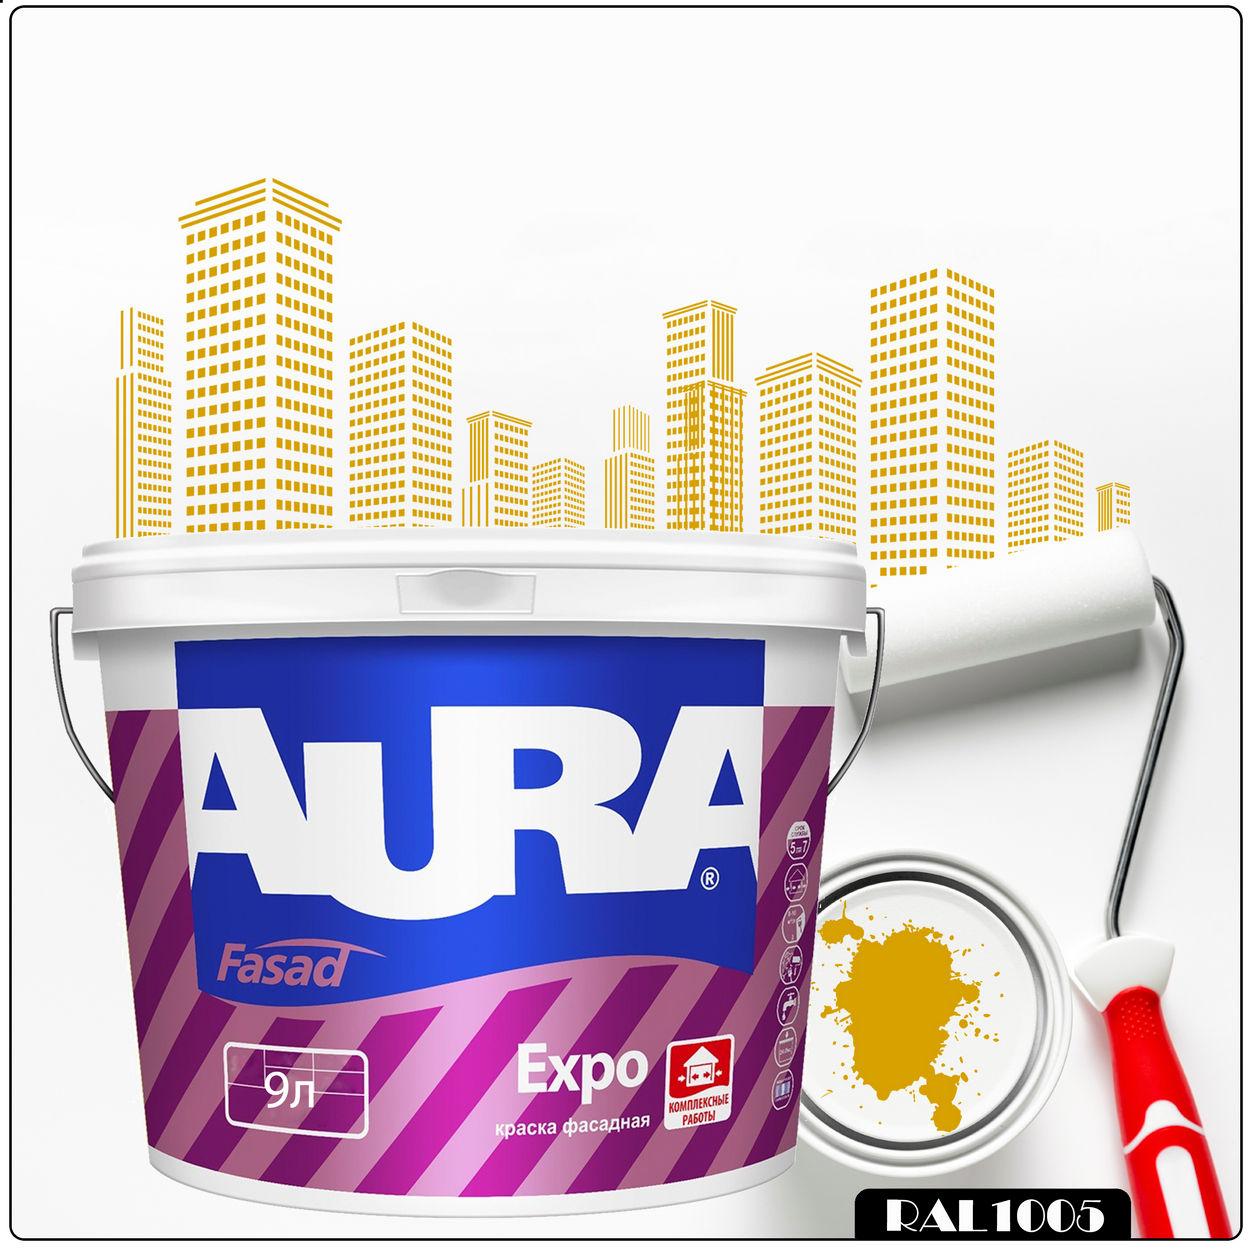 Фото 6 - Краска Aura Fasad Expo, RAL 1005 Медово-жёлтый, матовая, для фасадов и помещений с повышенной влажностью, 9л.